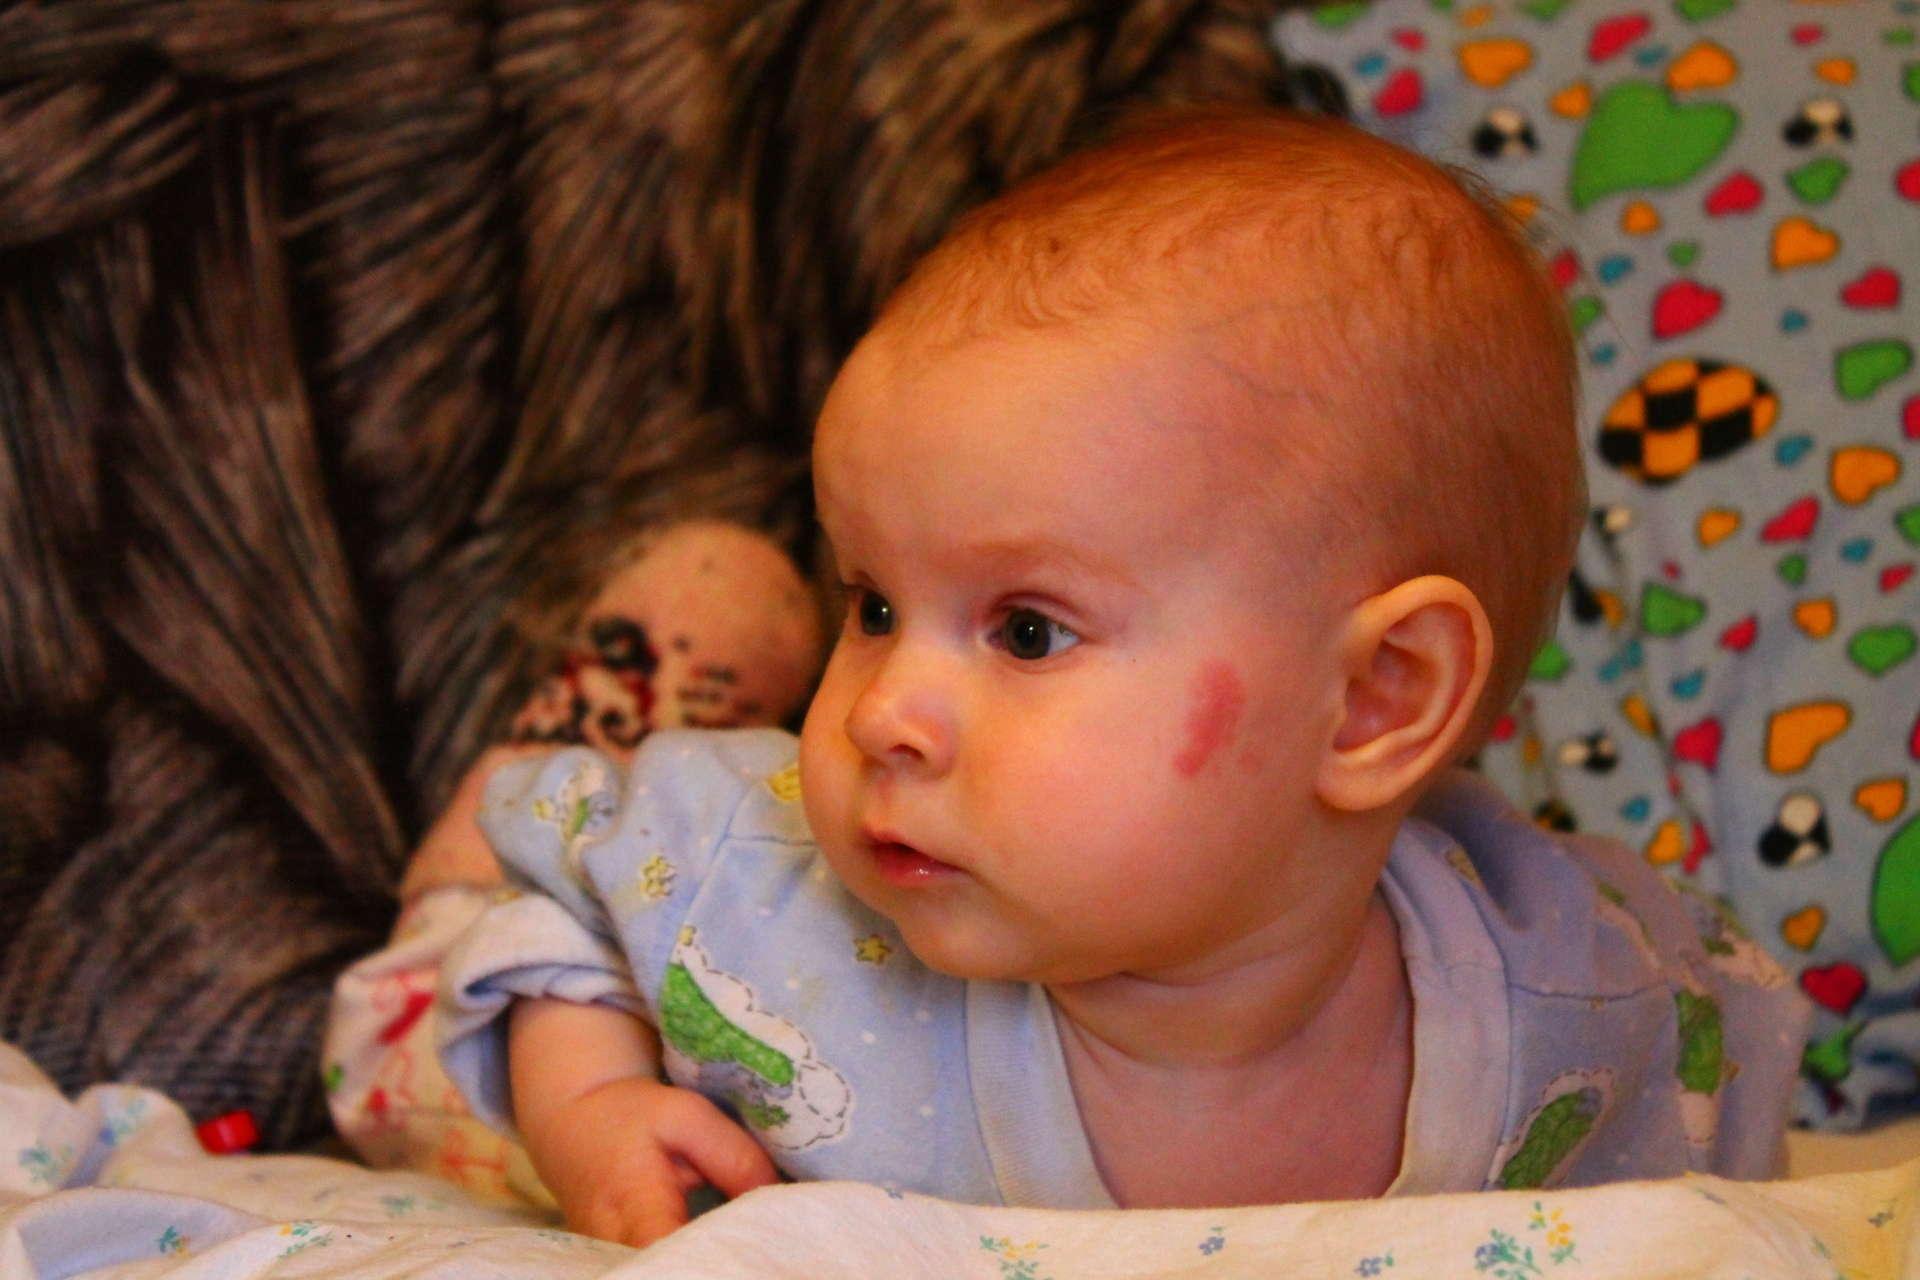 Голова ребенка в 2 месяца фото